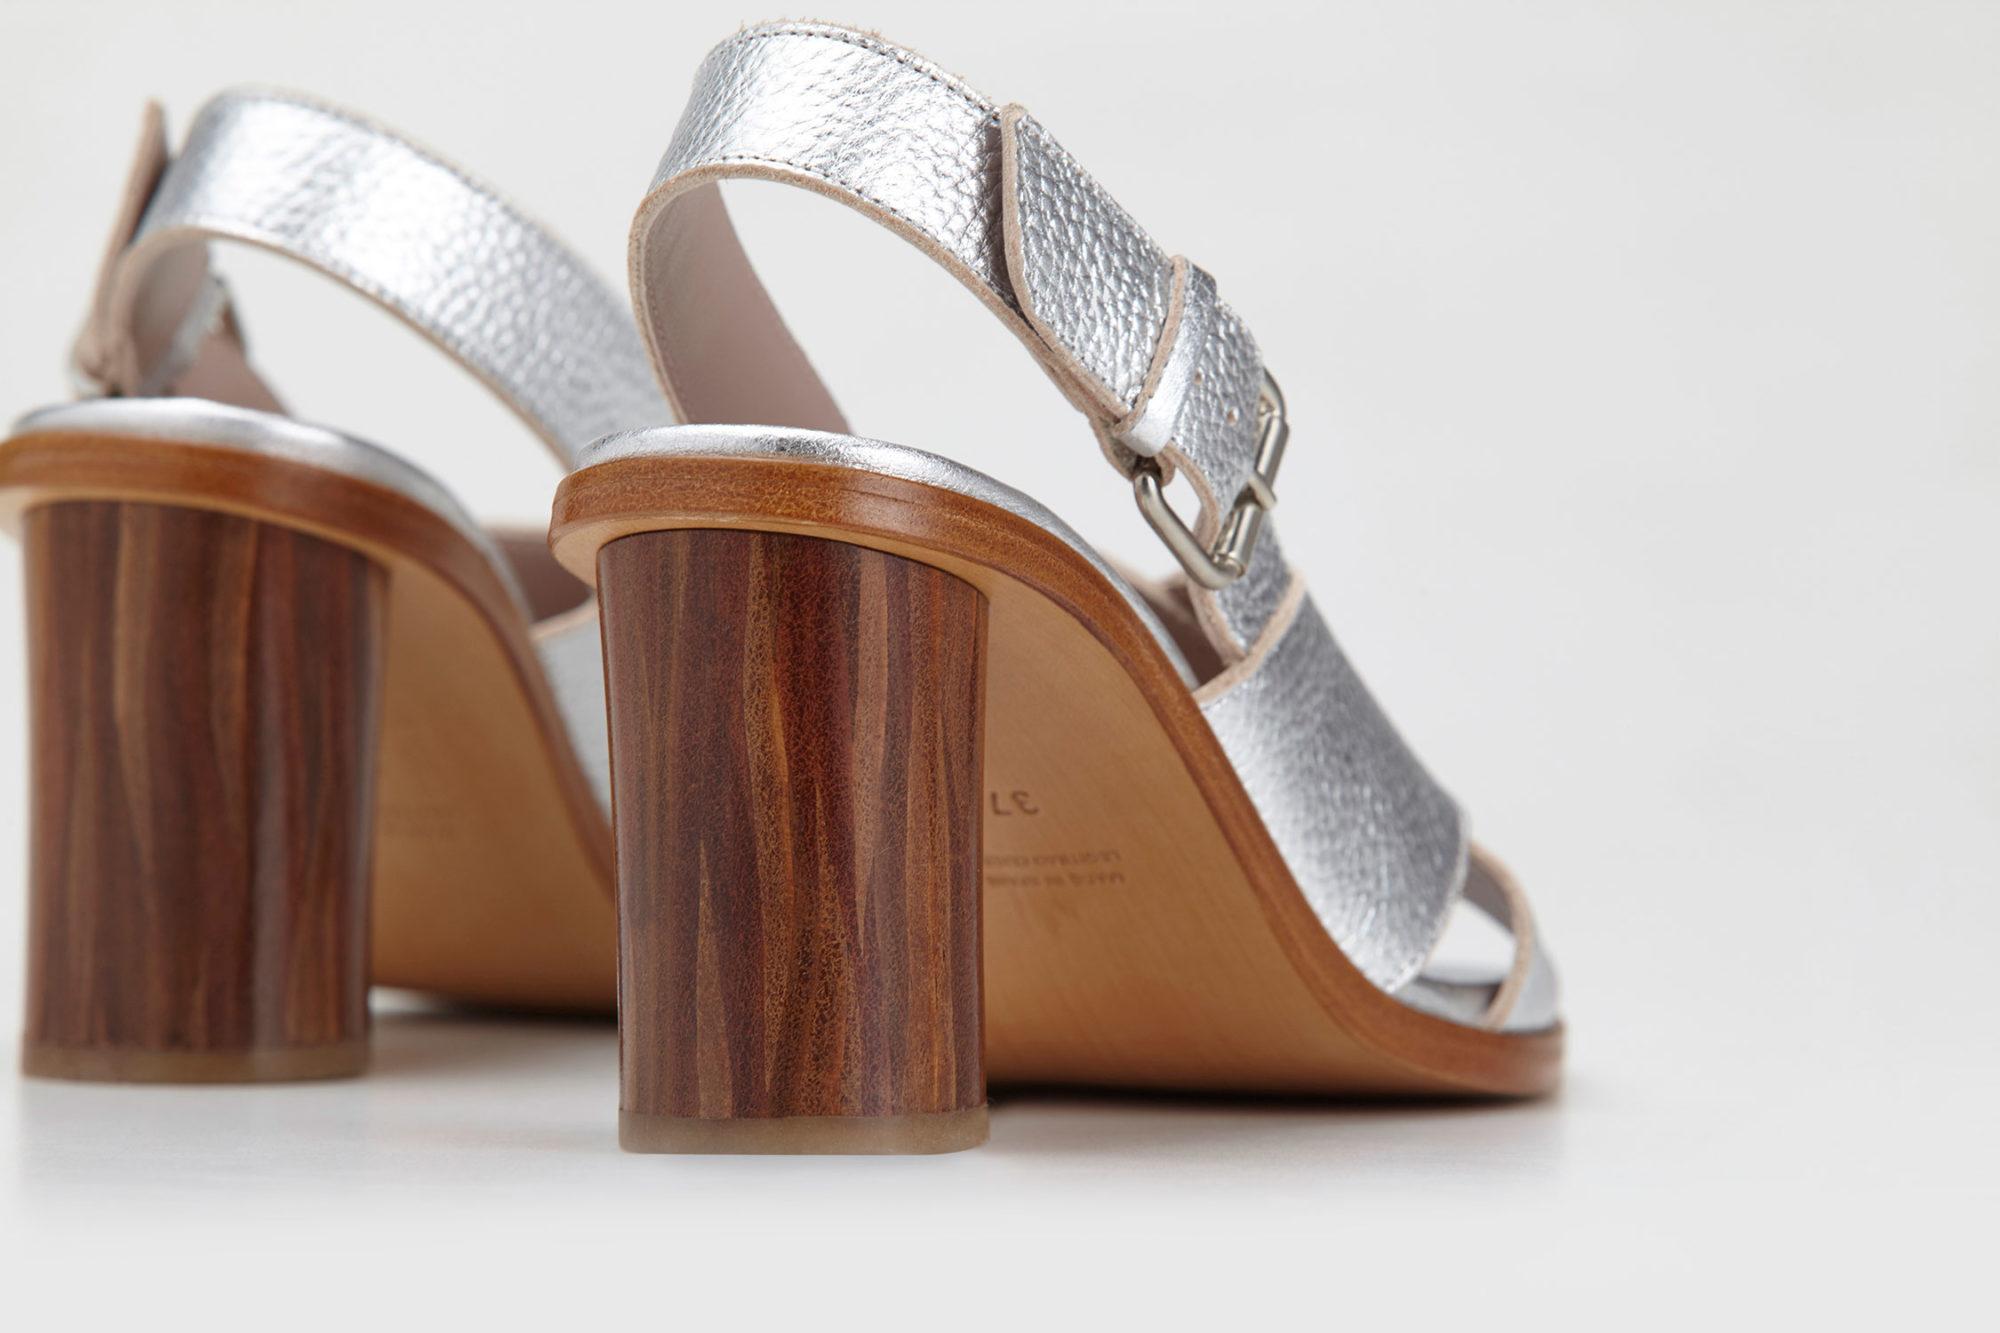 Dorotea sandalia de tacón alto Jazz plateado ss17 detalle